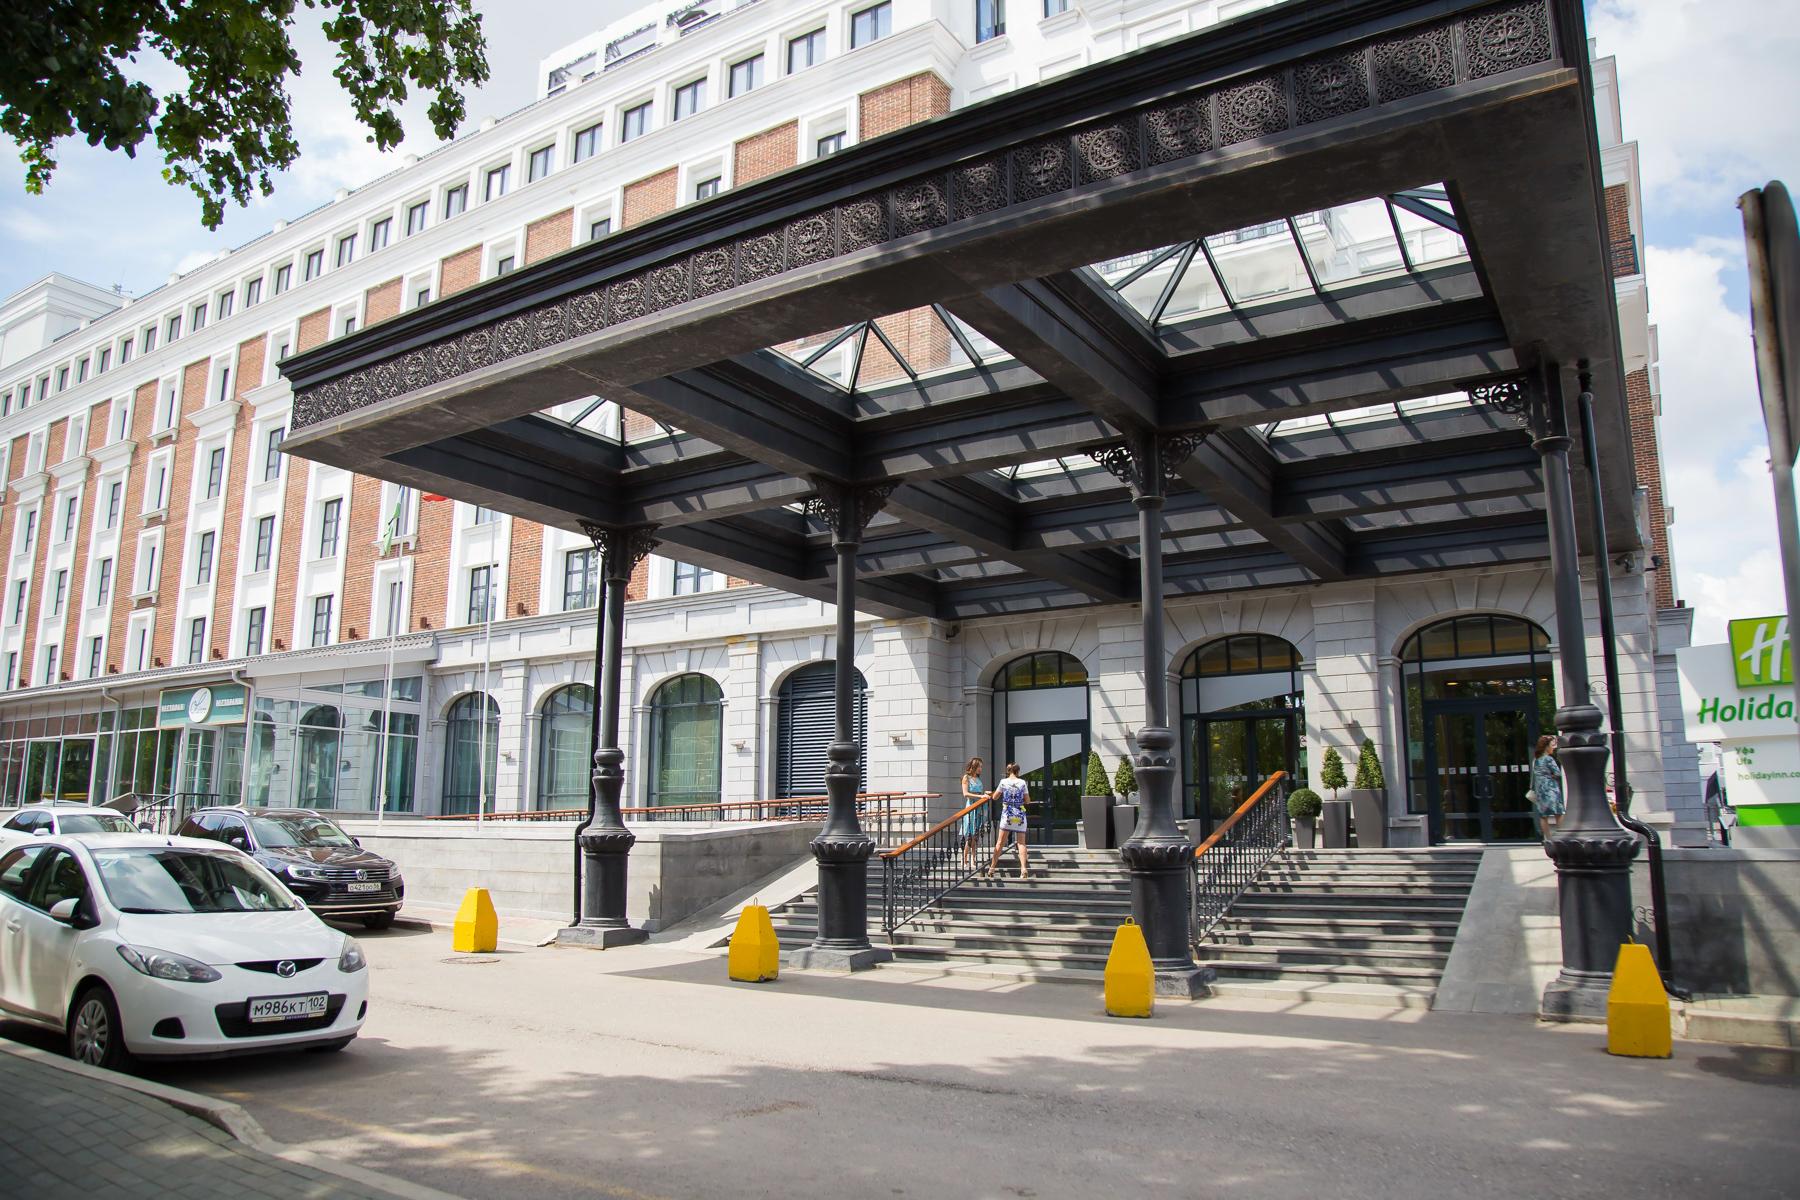 Гостиницу Holiday Inn построили в Уфе рядом со сквером Театральный